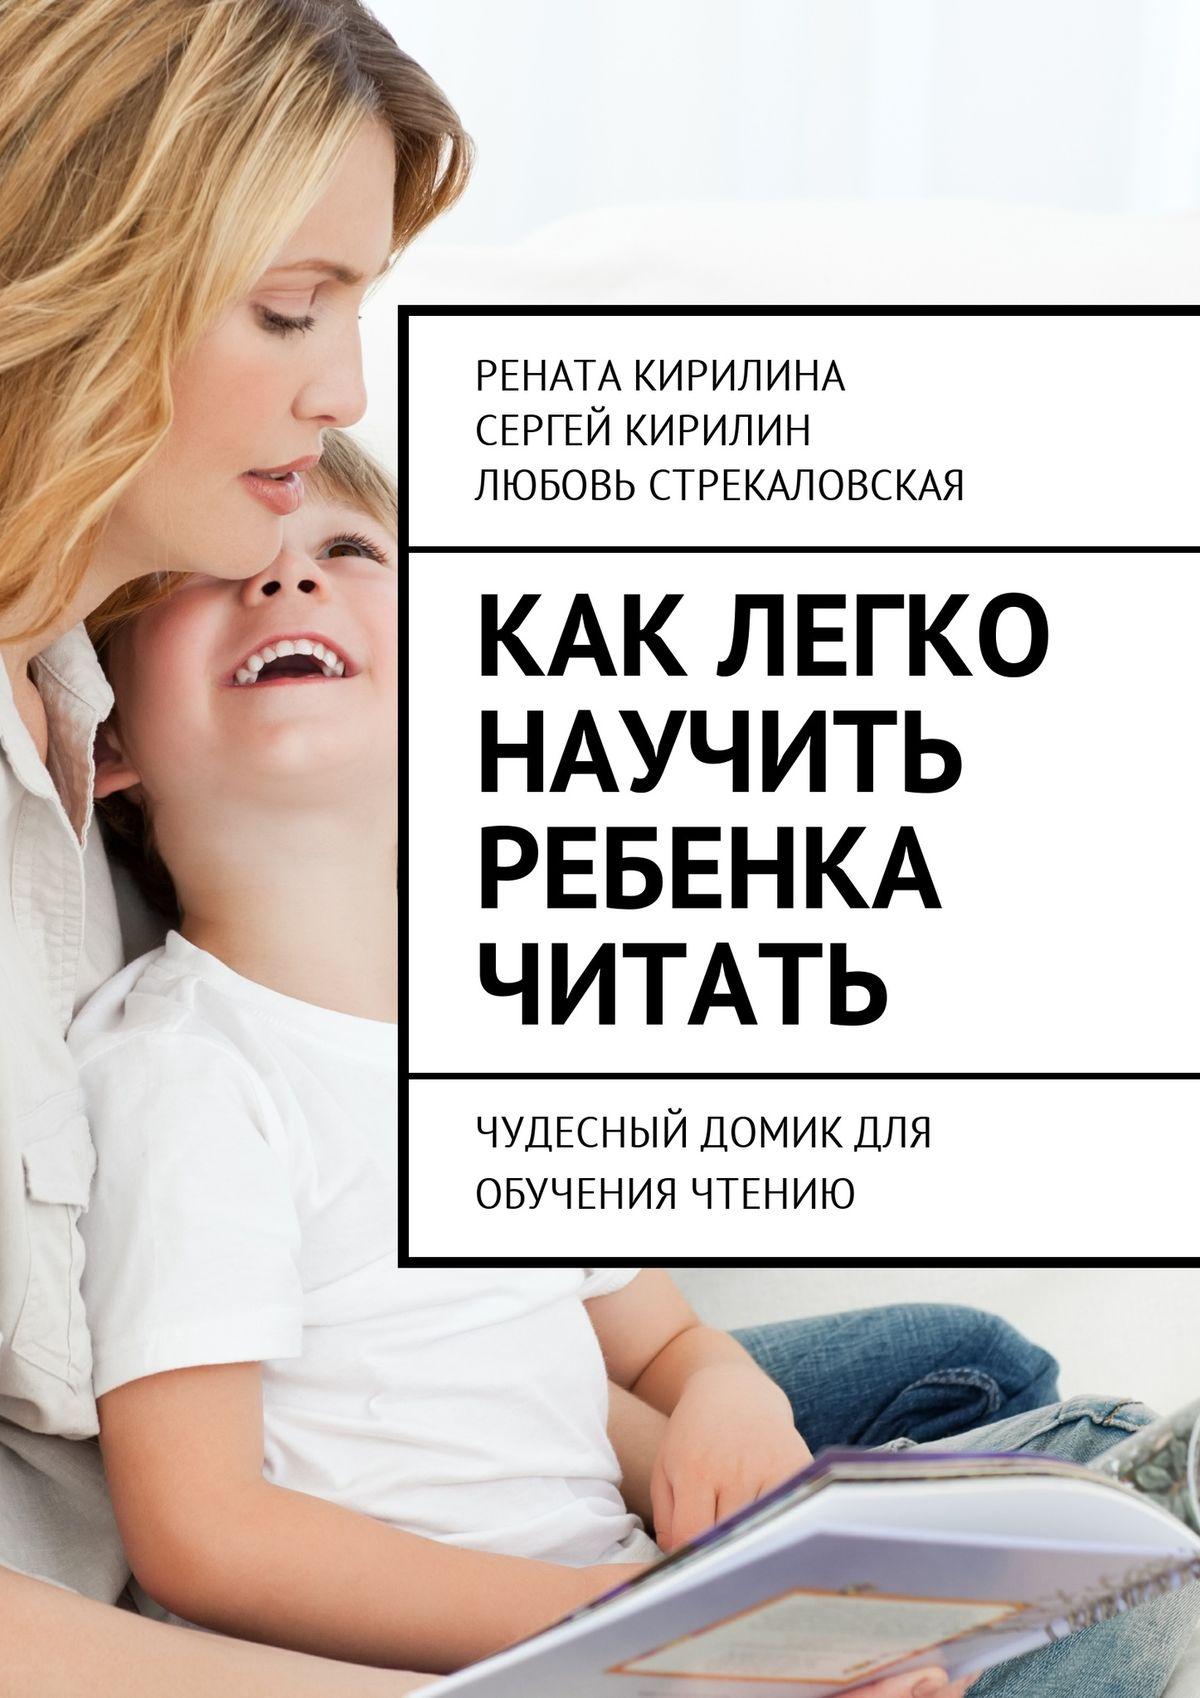 Рената Кирилина Как легко научить ребенка читать. Чудесный домик для обучения чтению рената кирилина как быстро учить стихотворения сребенком isbn 9785449069948